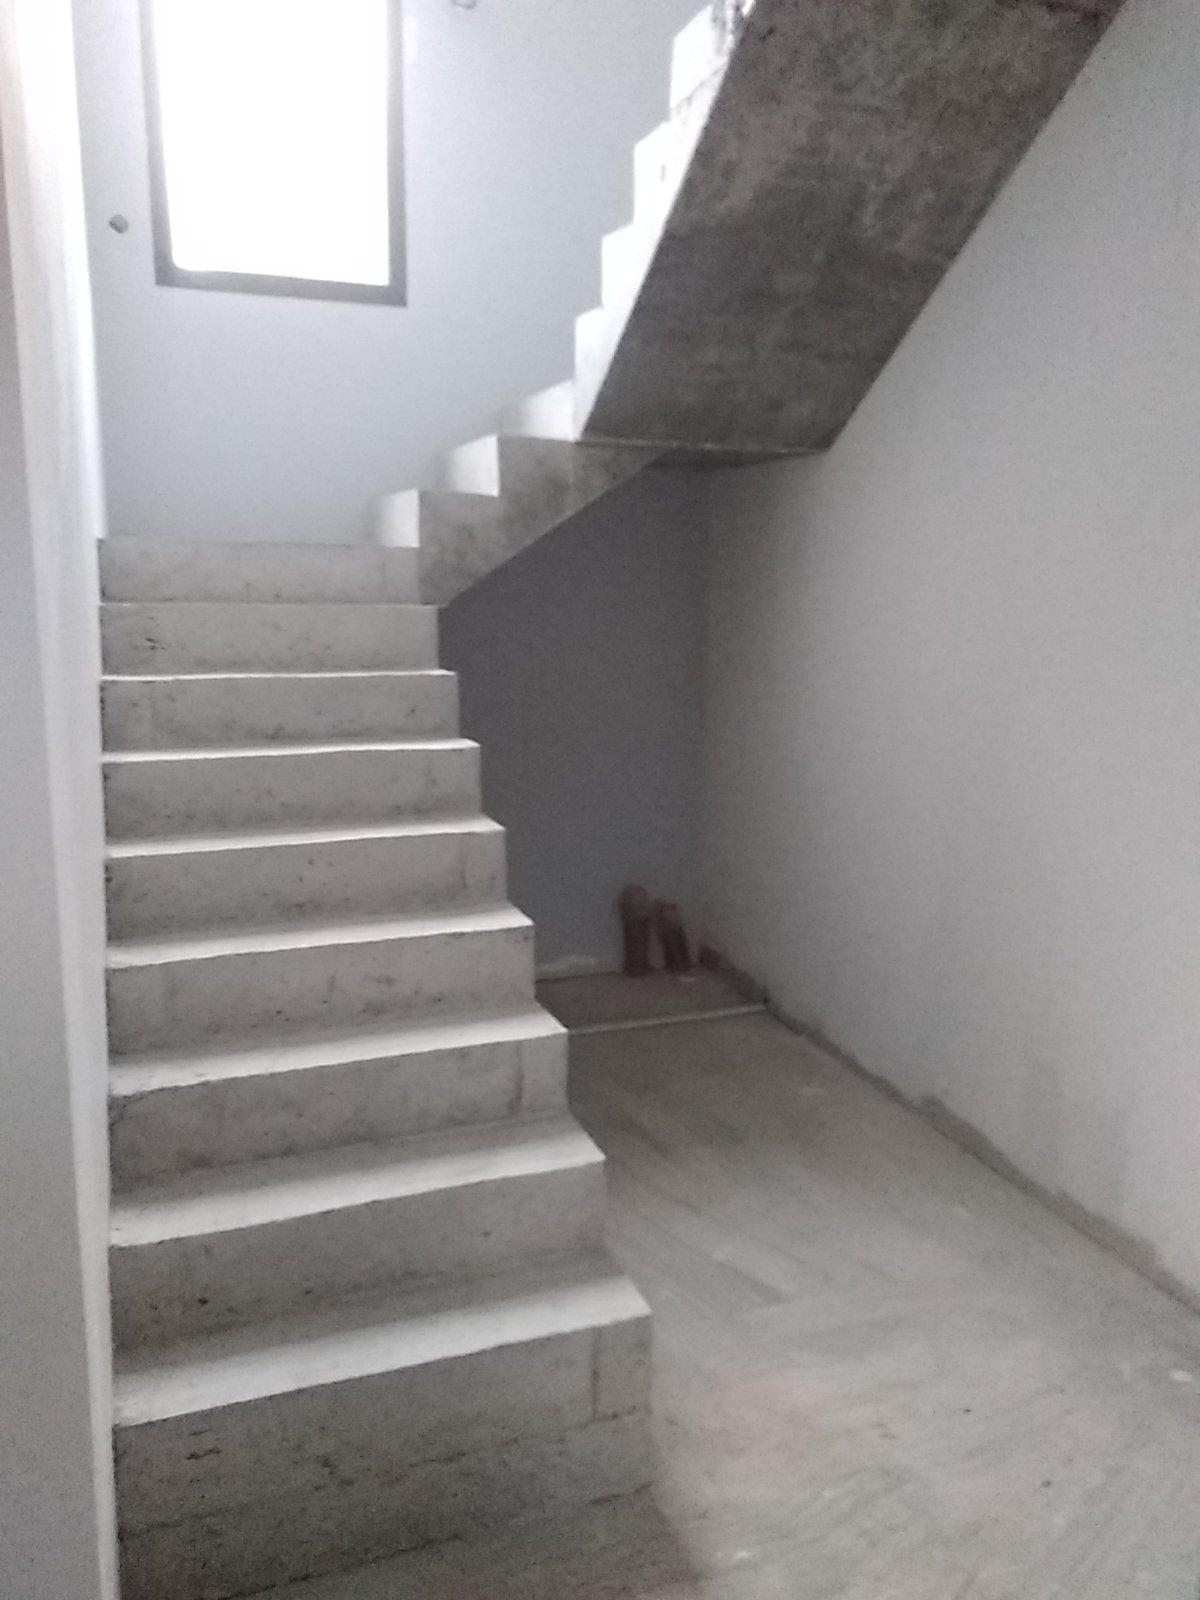 Départ de l'escalier avec une première volée droite